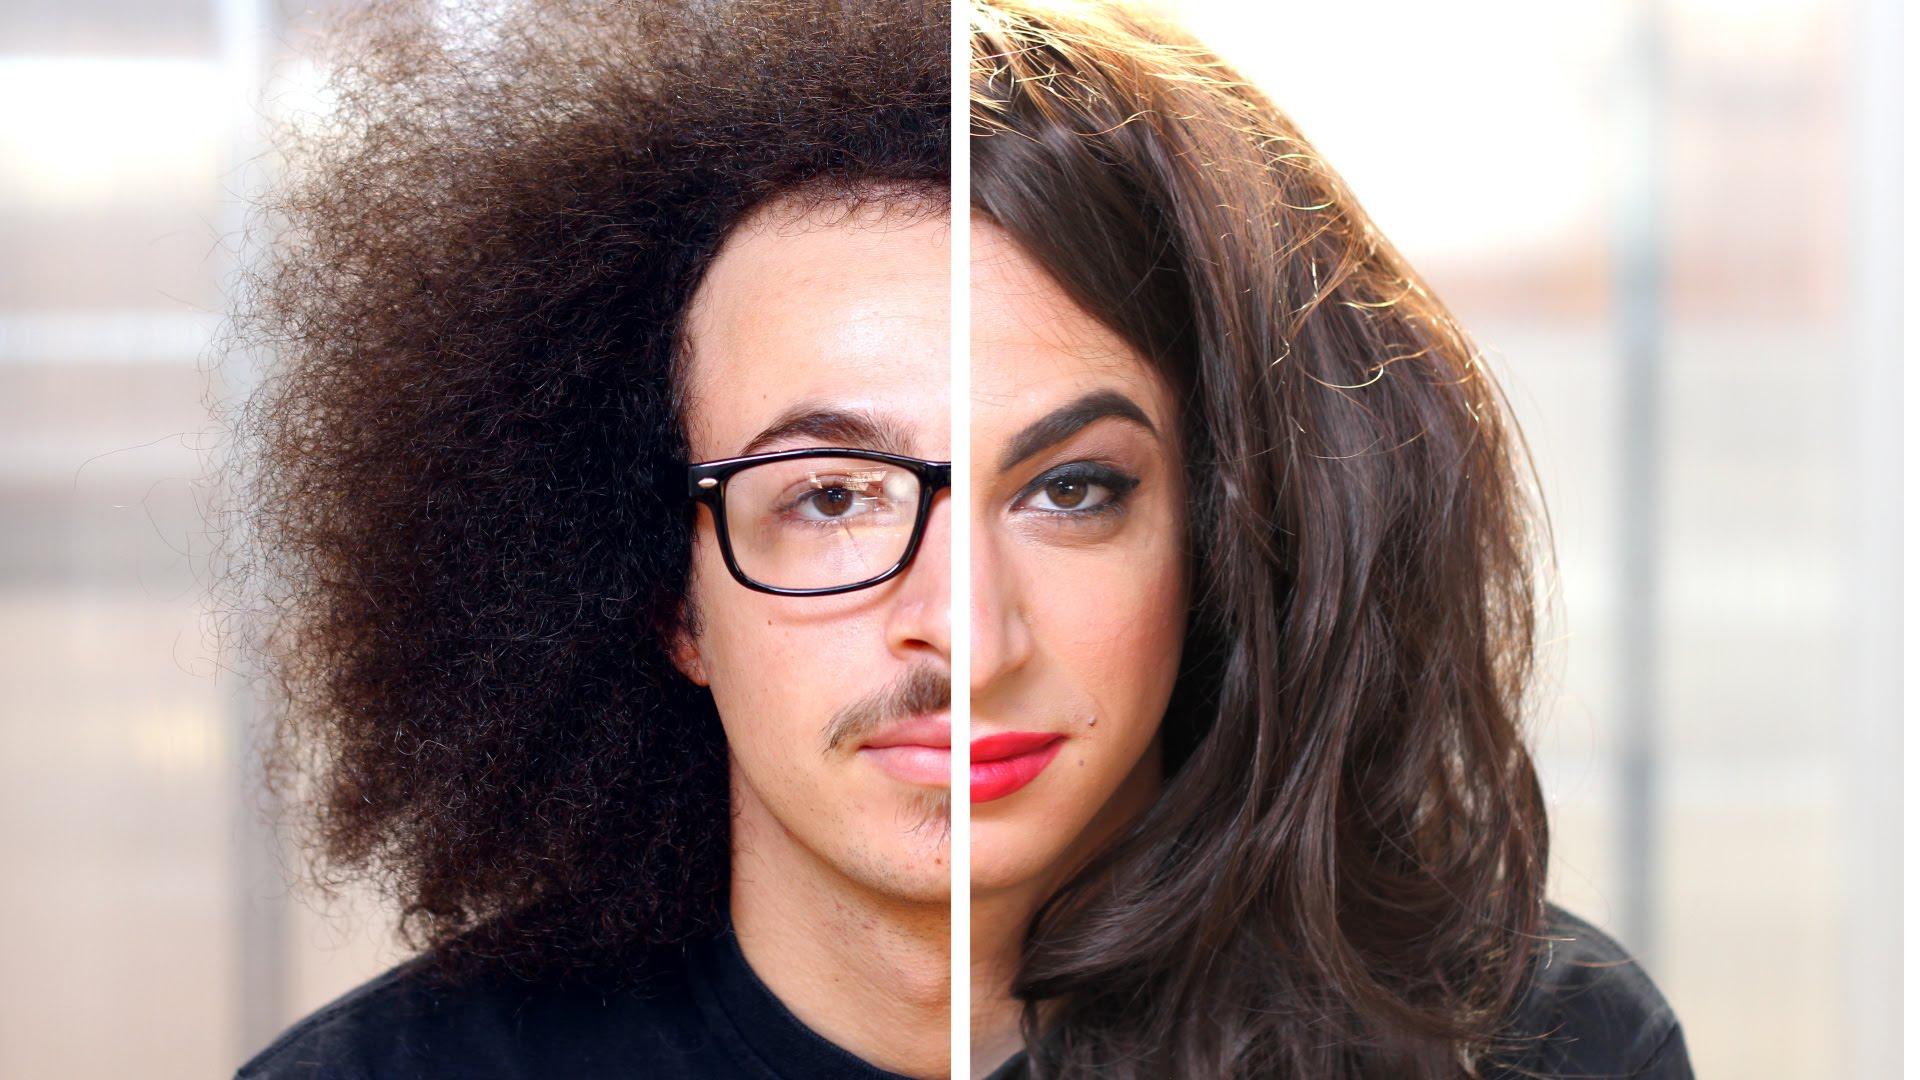 Как мужчины относятся к макияжу женщин